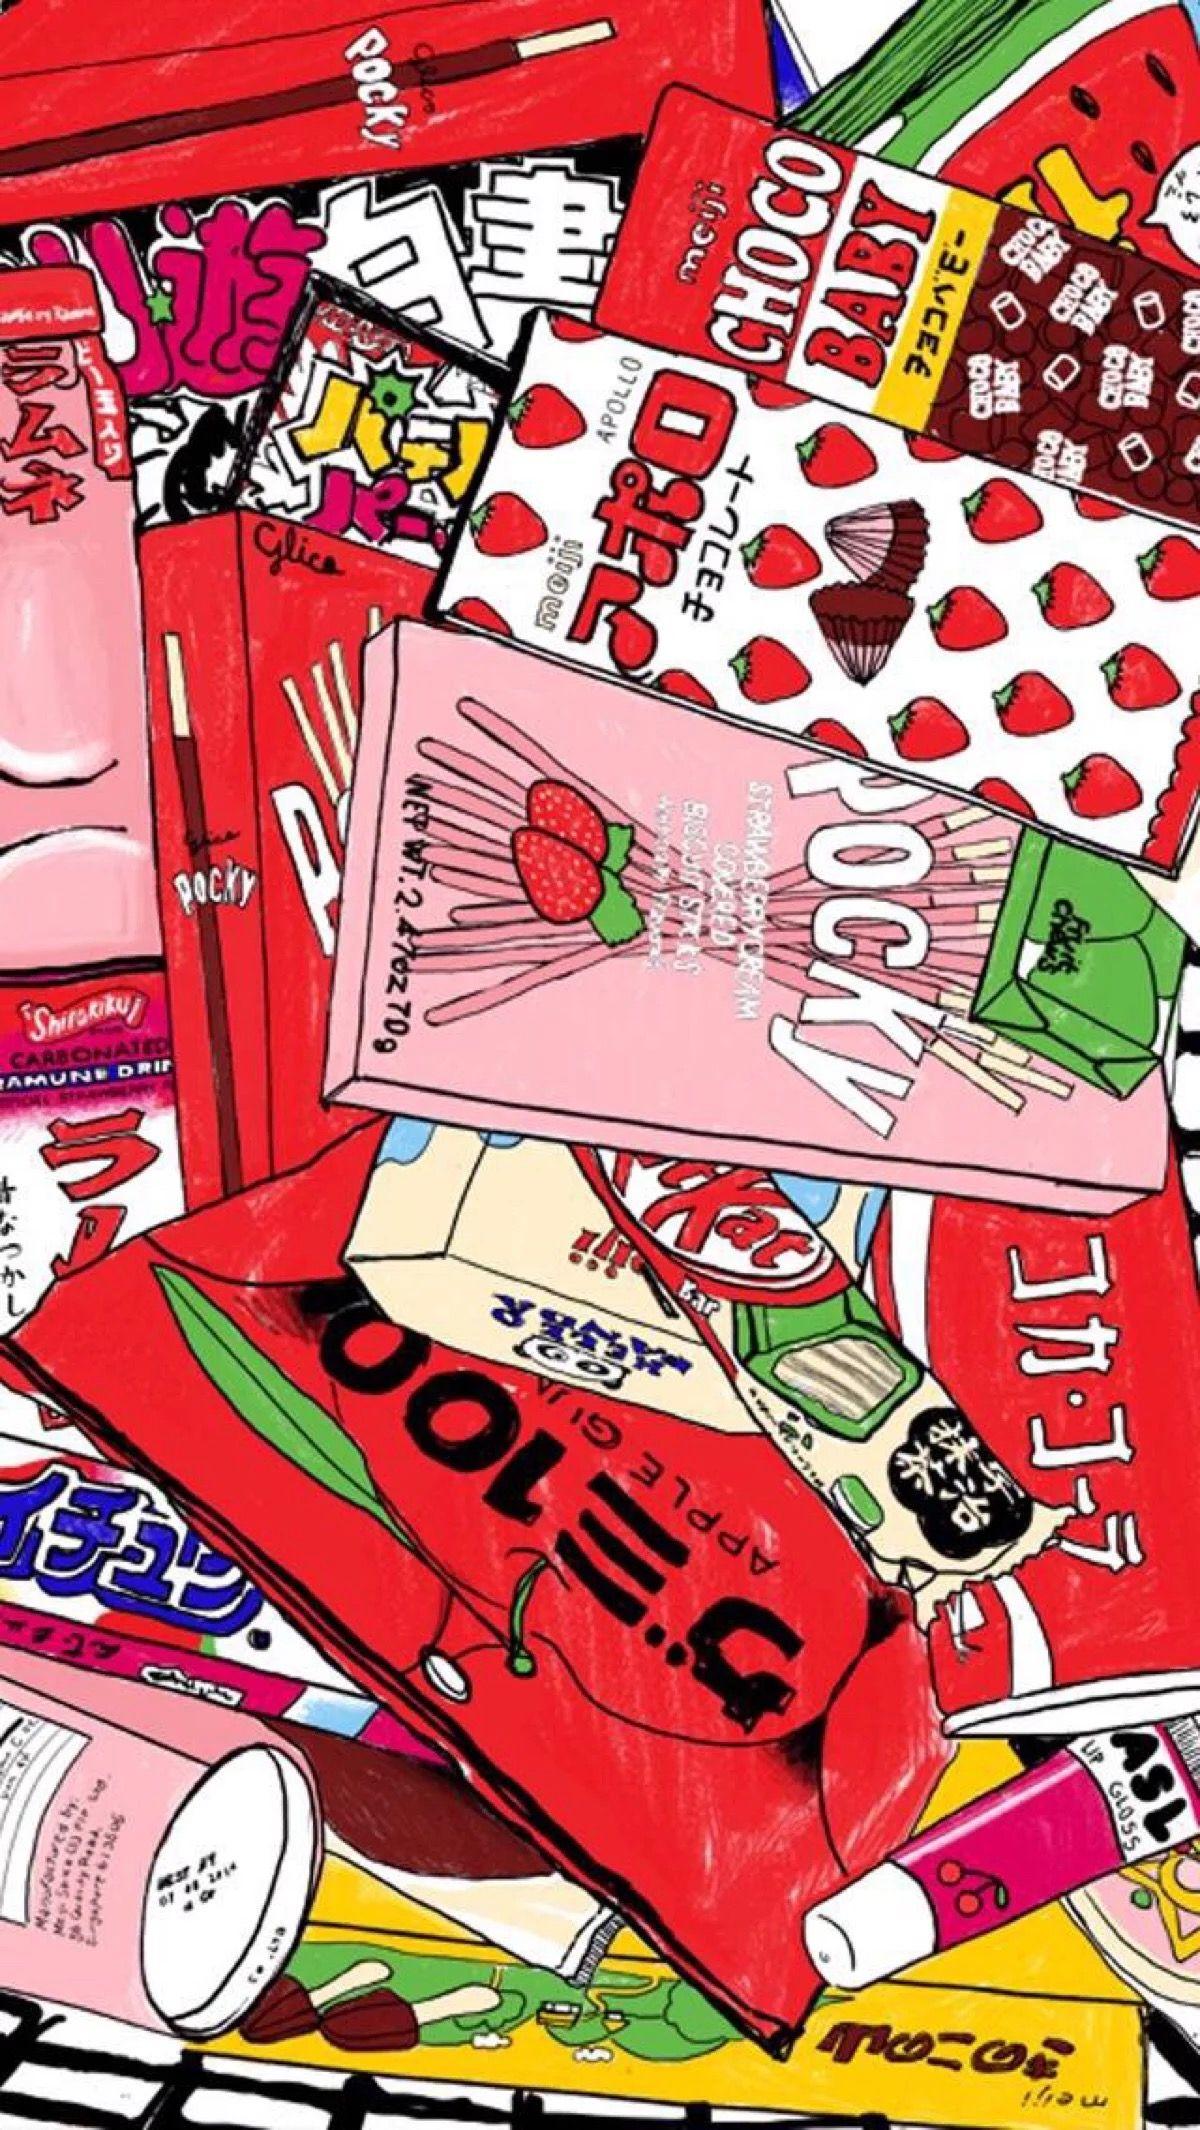 Pin By Ava Rodriguez On Waℓℓraryeyaѕ Anime Wallpaper Iphone Kawaii Wallpaper Anime Wallpaper